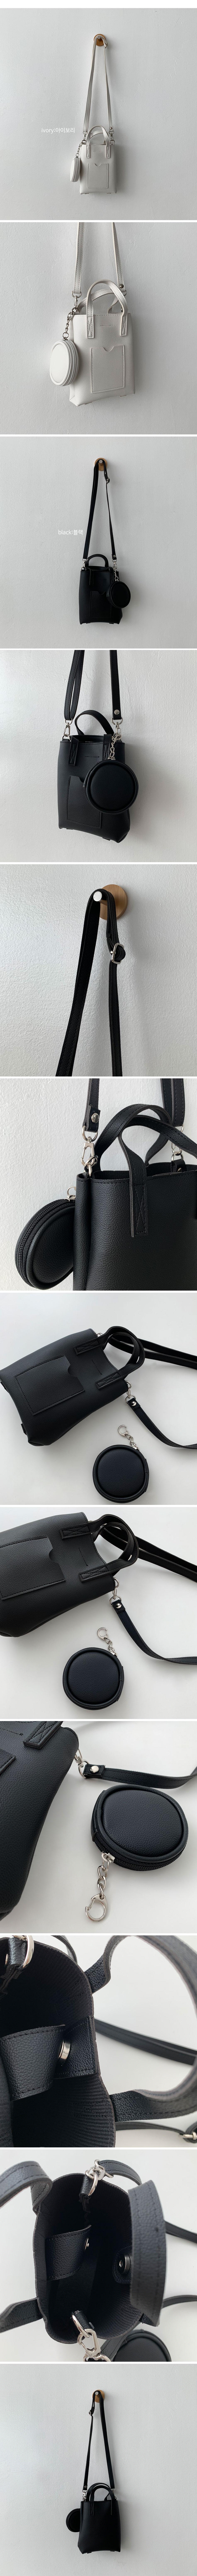 口袋裝飾磁釦迷你斜背包